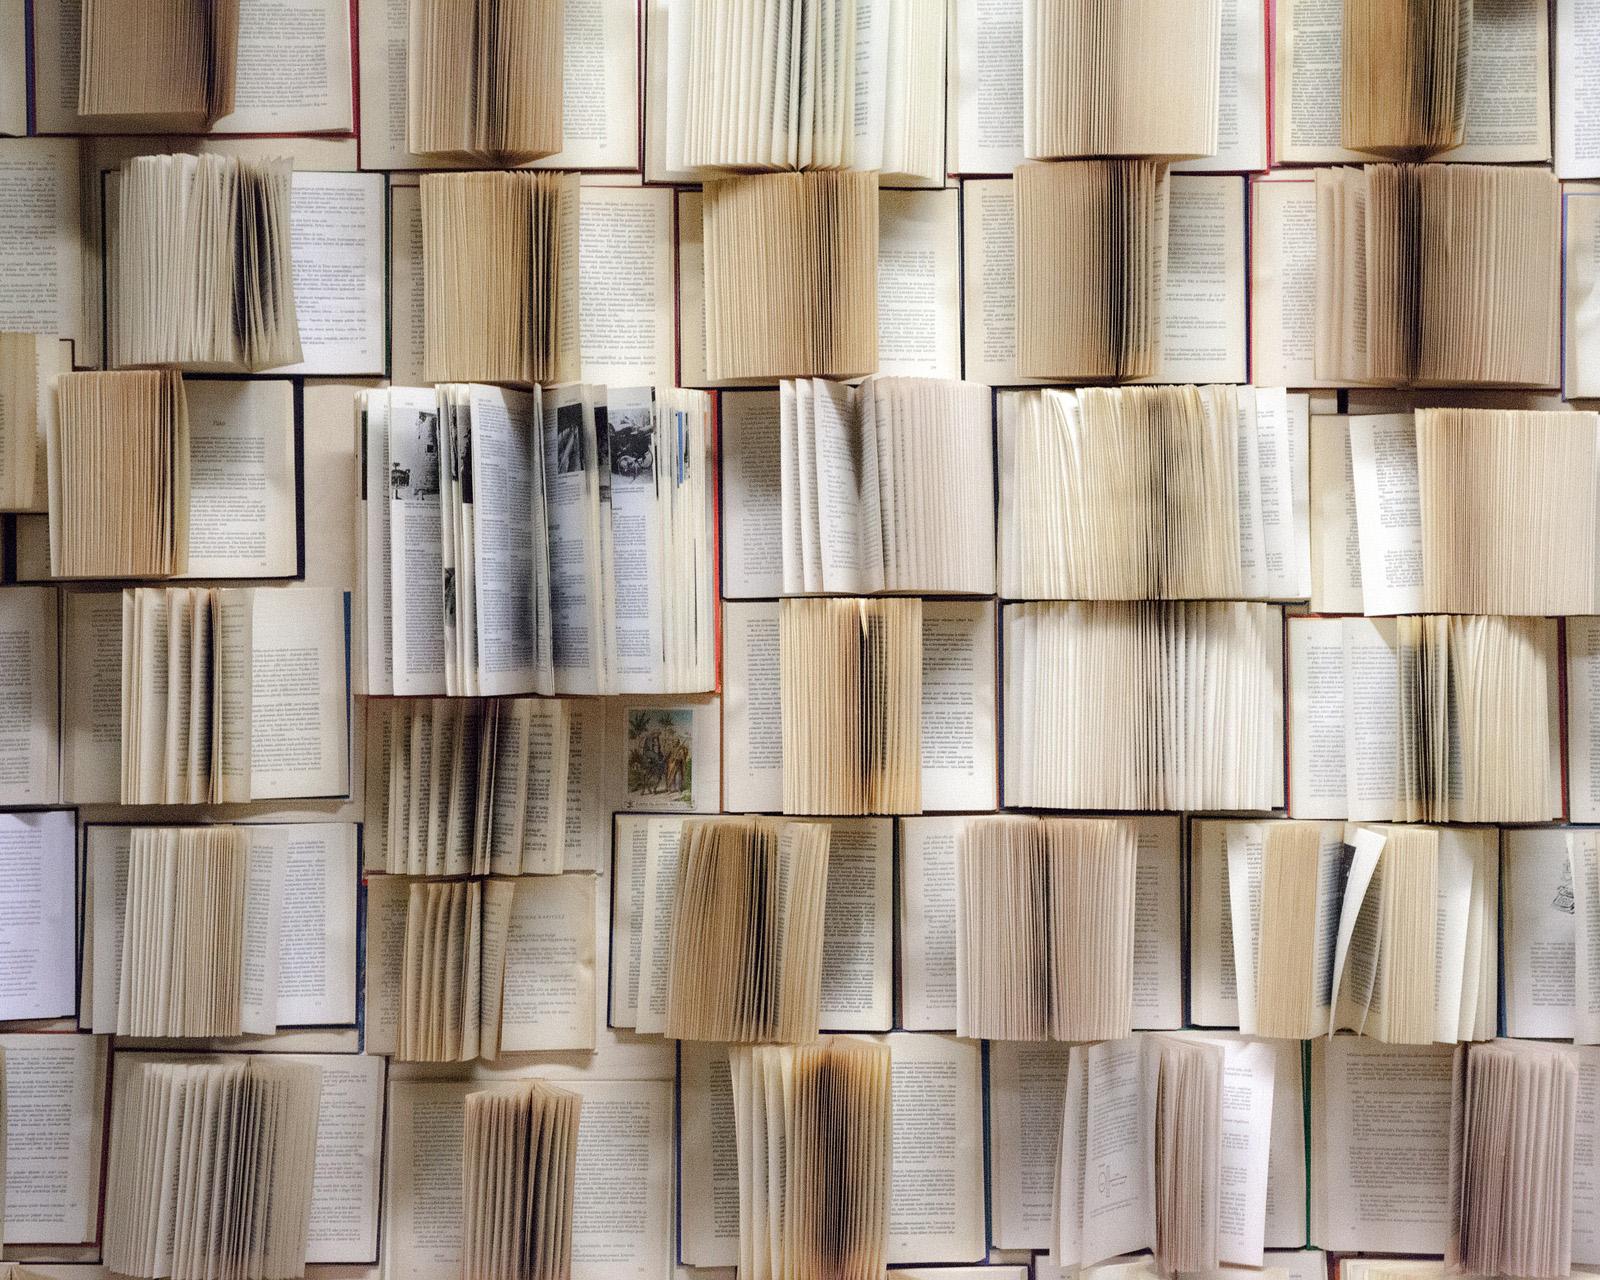 Bücherwand Texterstellung Redaktion Lektorat